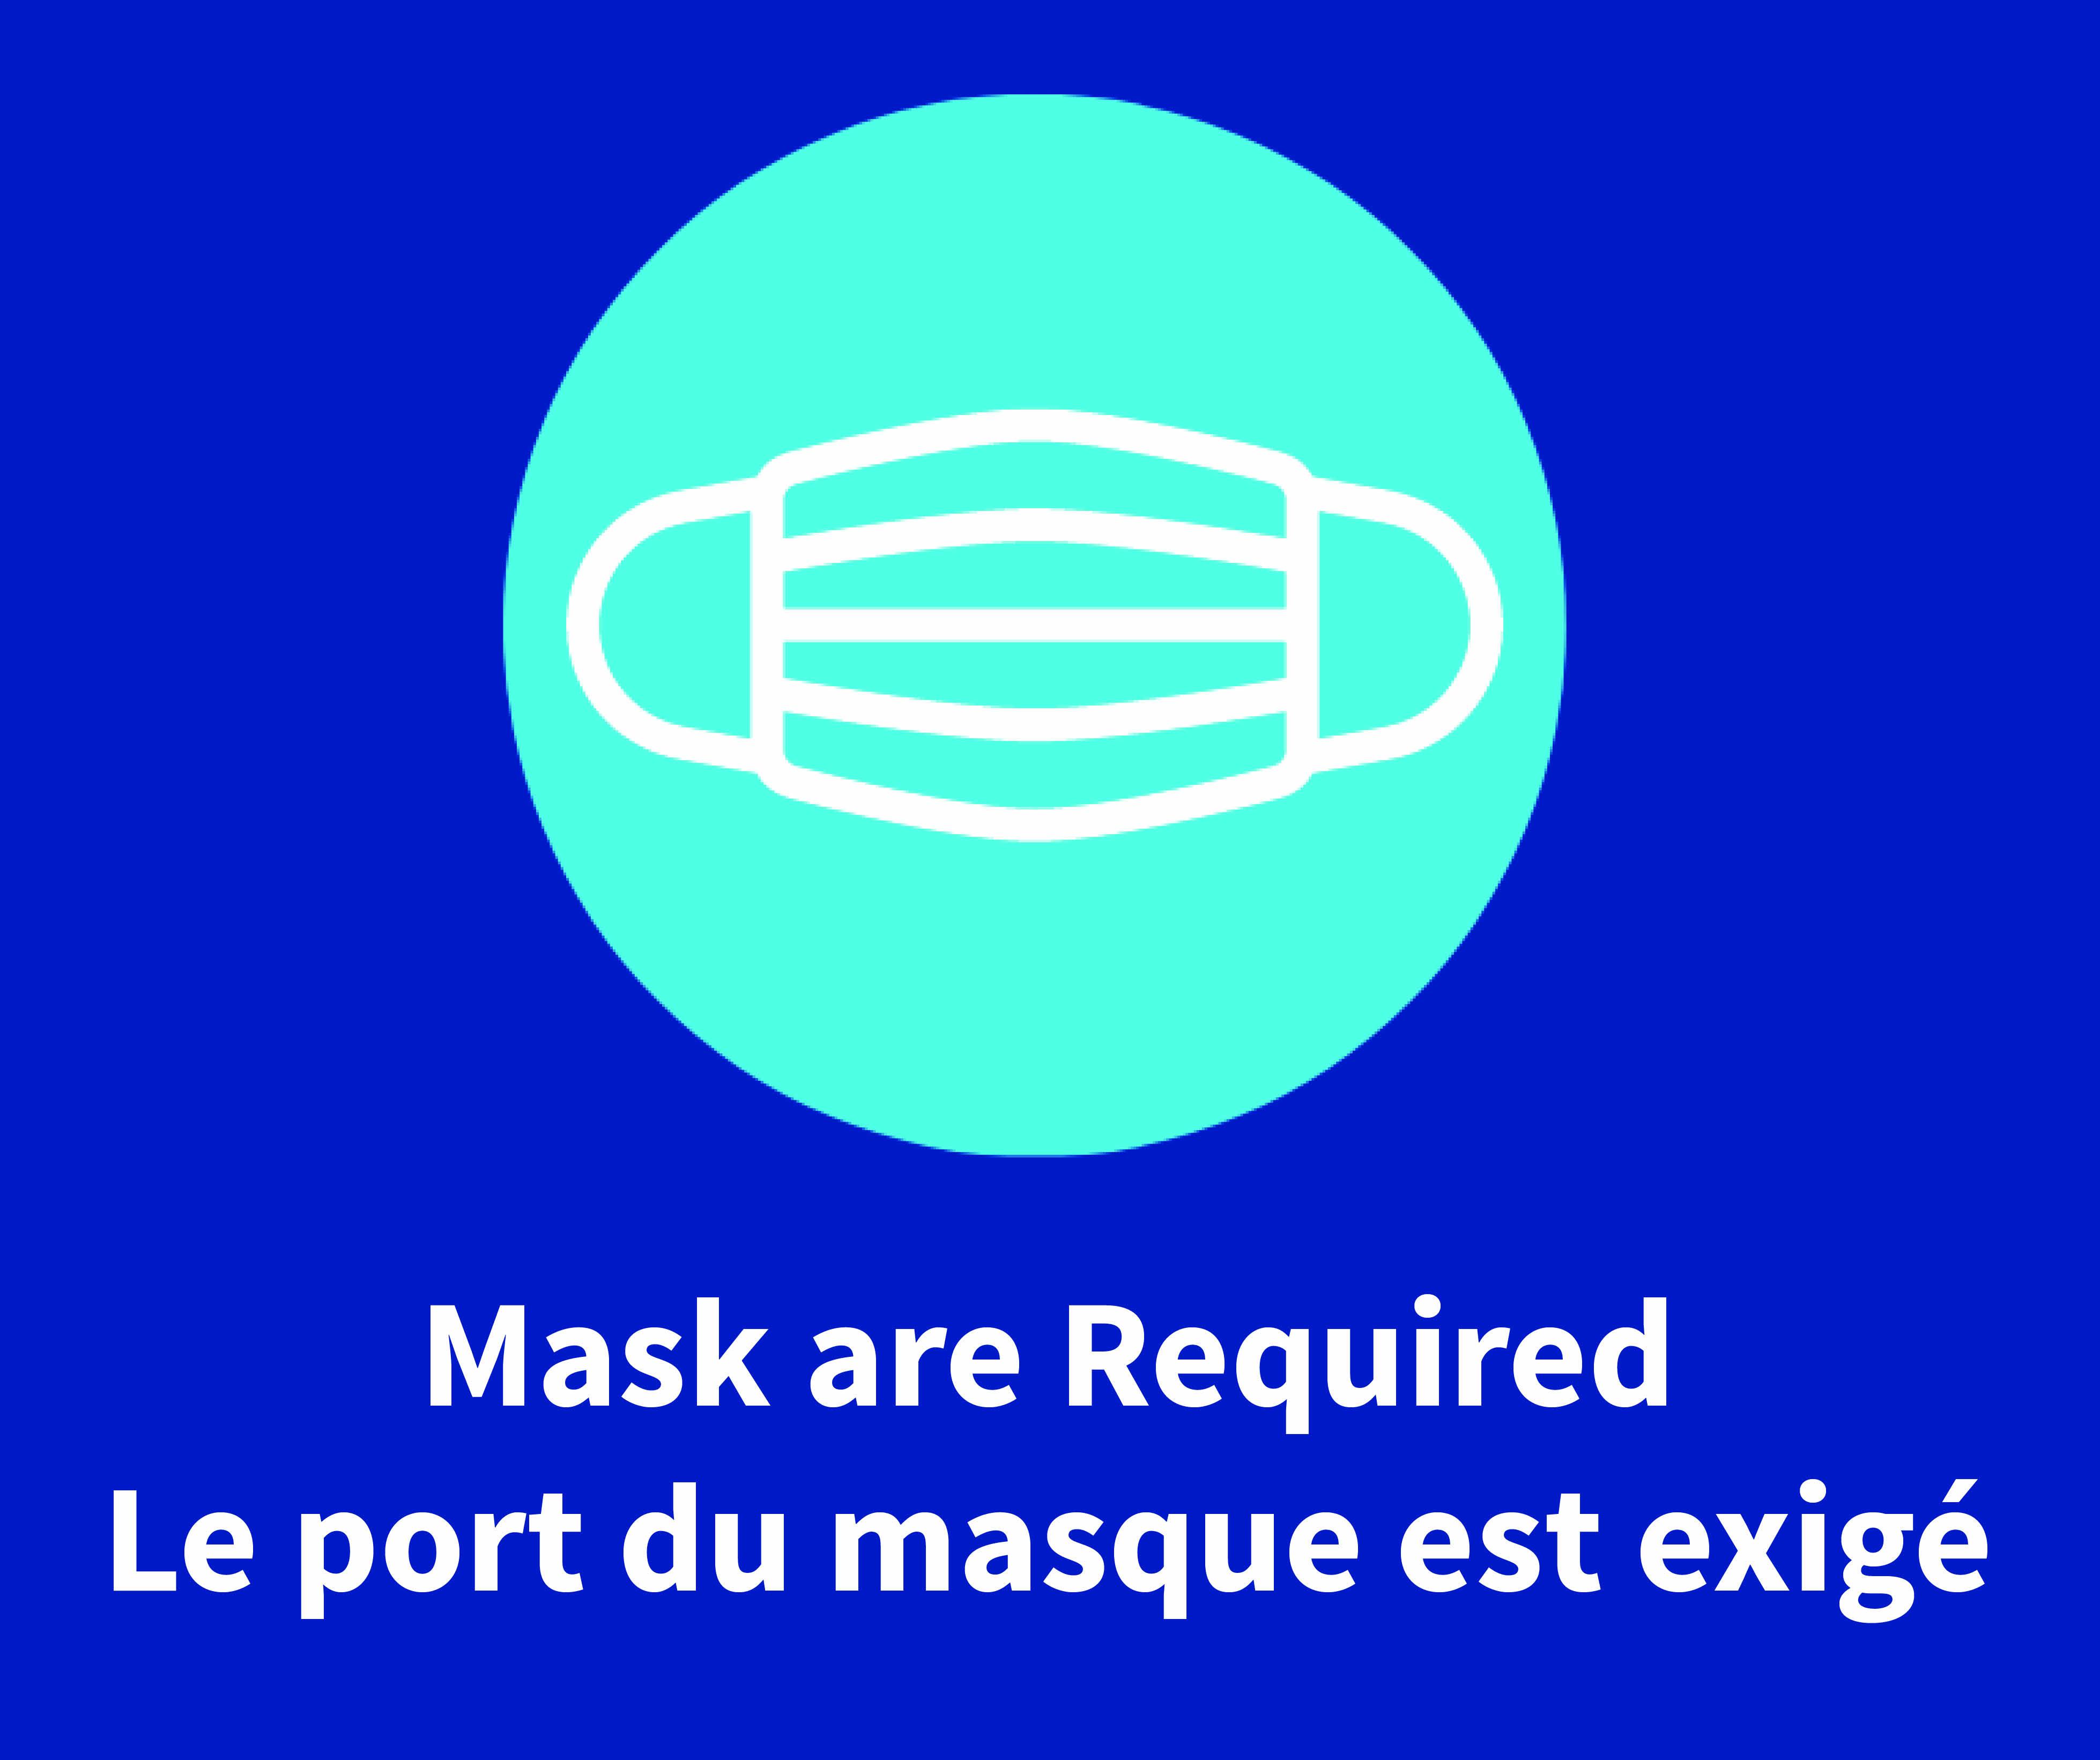 Le port du masque est exige